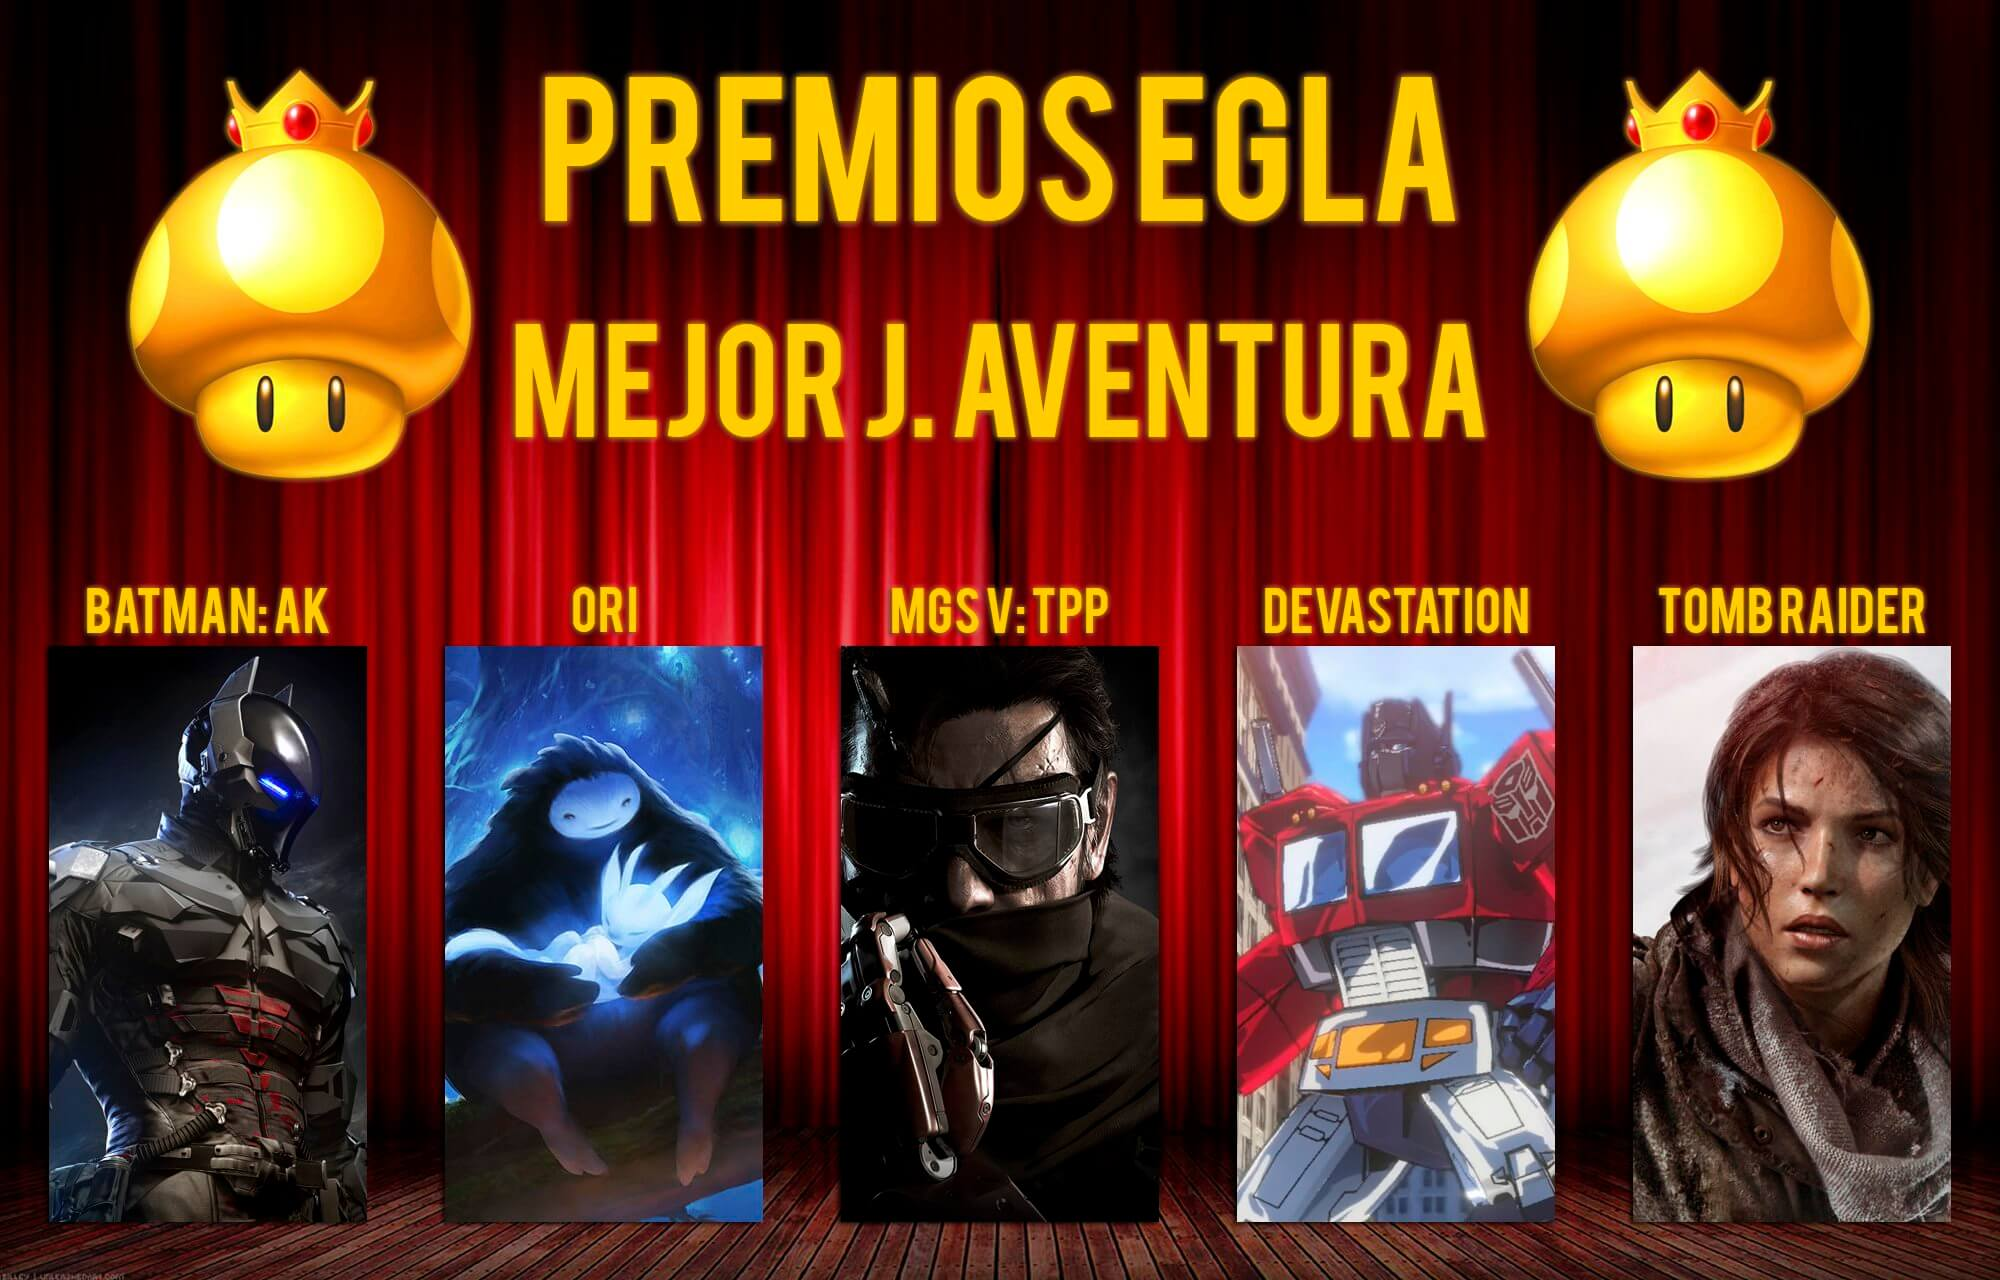 Premios EGLA 2015 Mejor Juego de Aventura